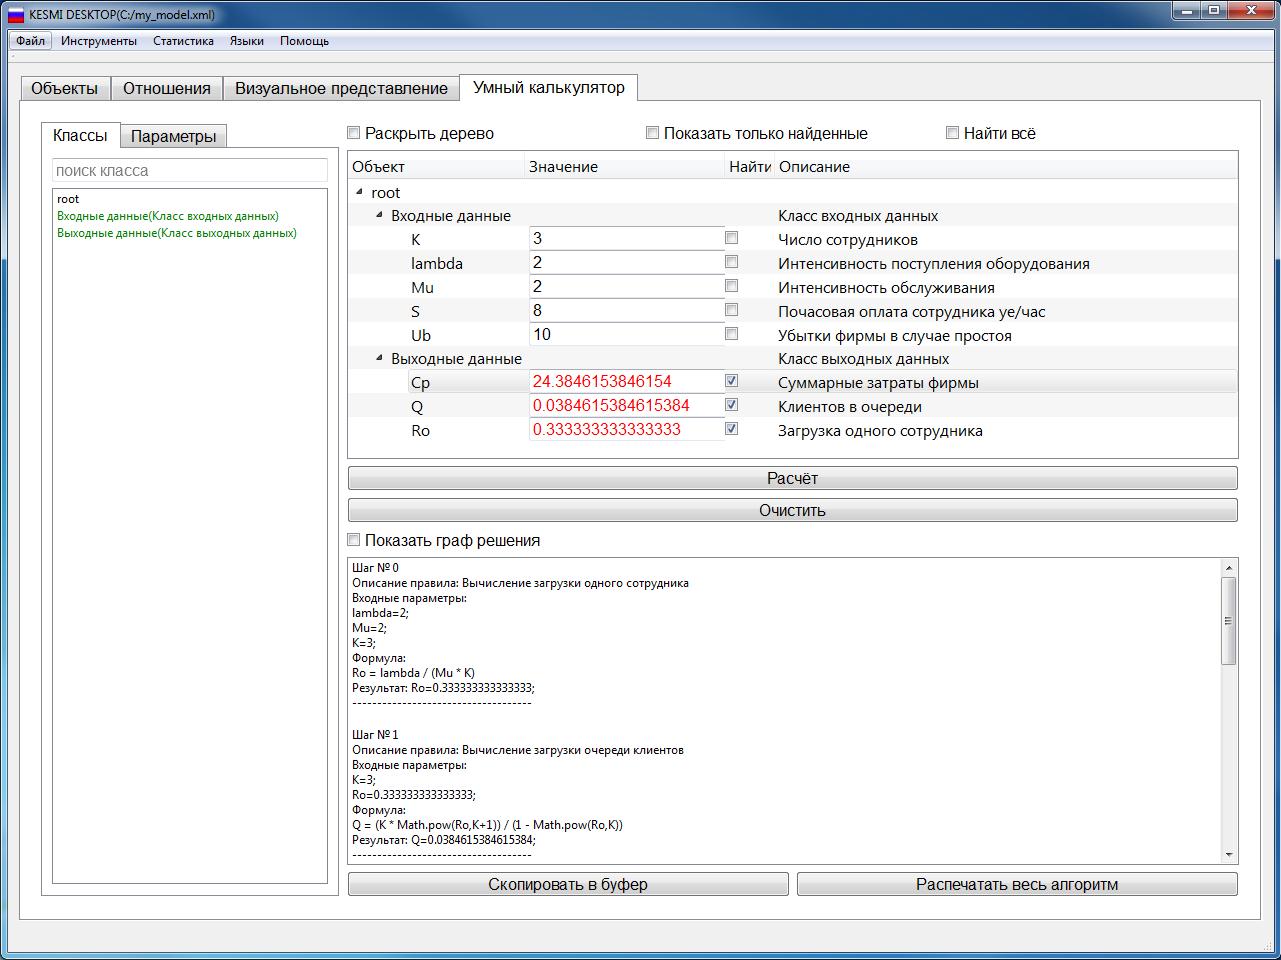 Создание экспертной системы в Wi!Mi 1.1 - 10